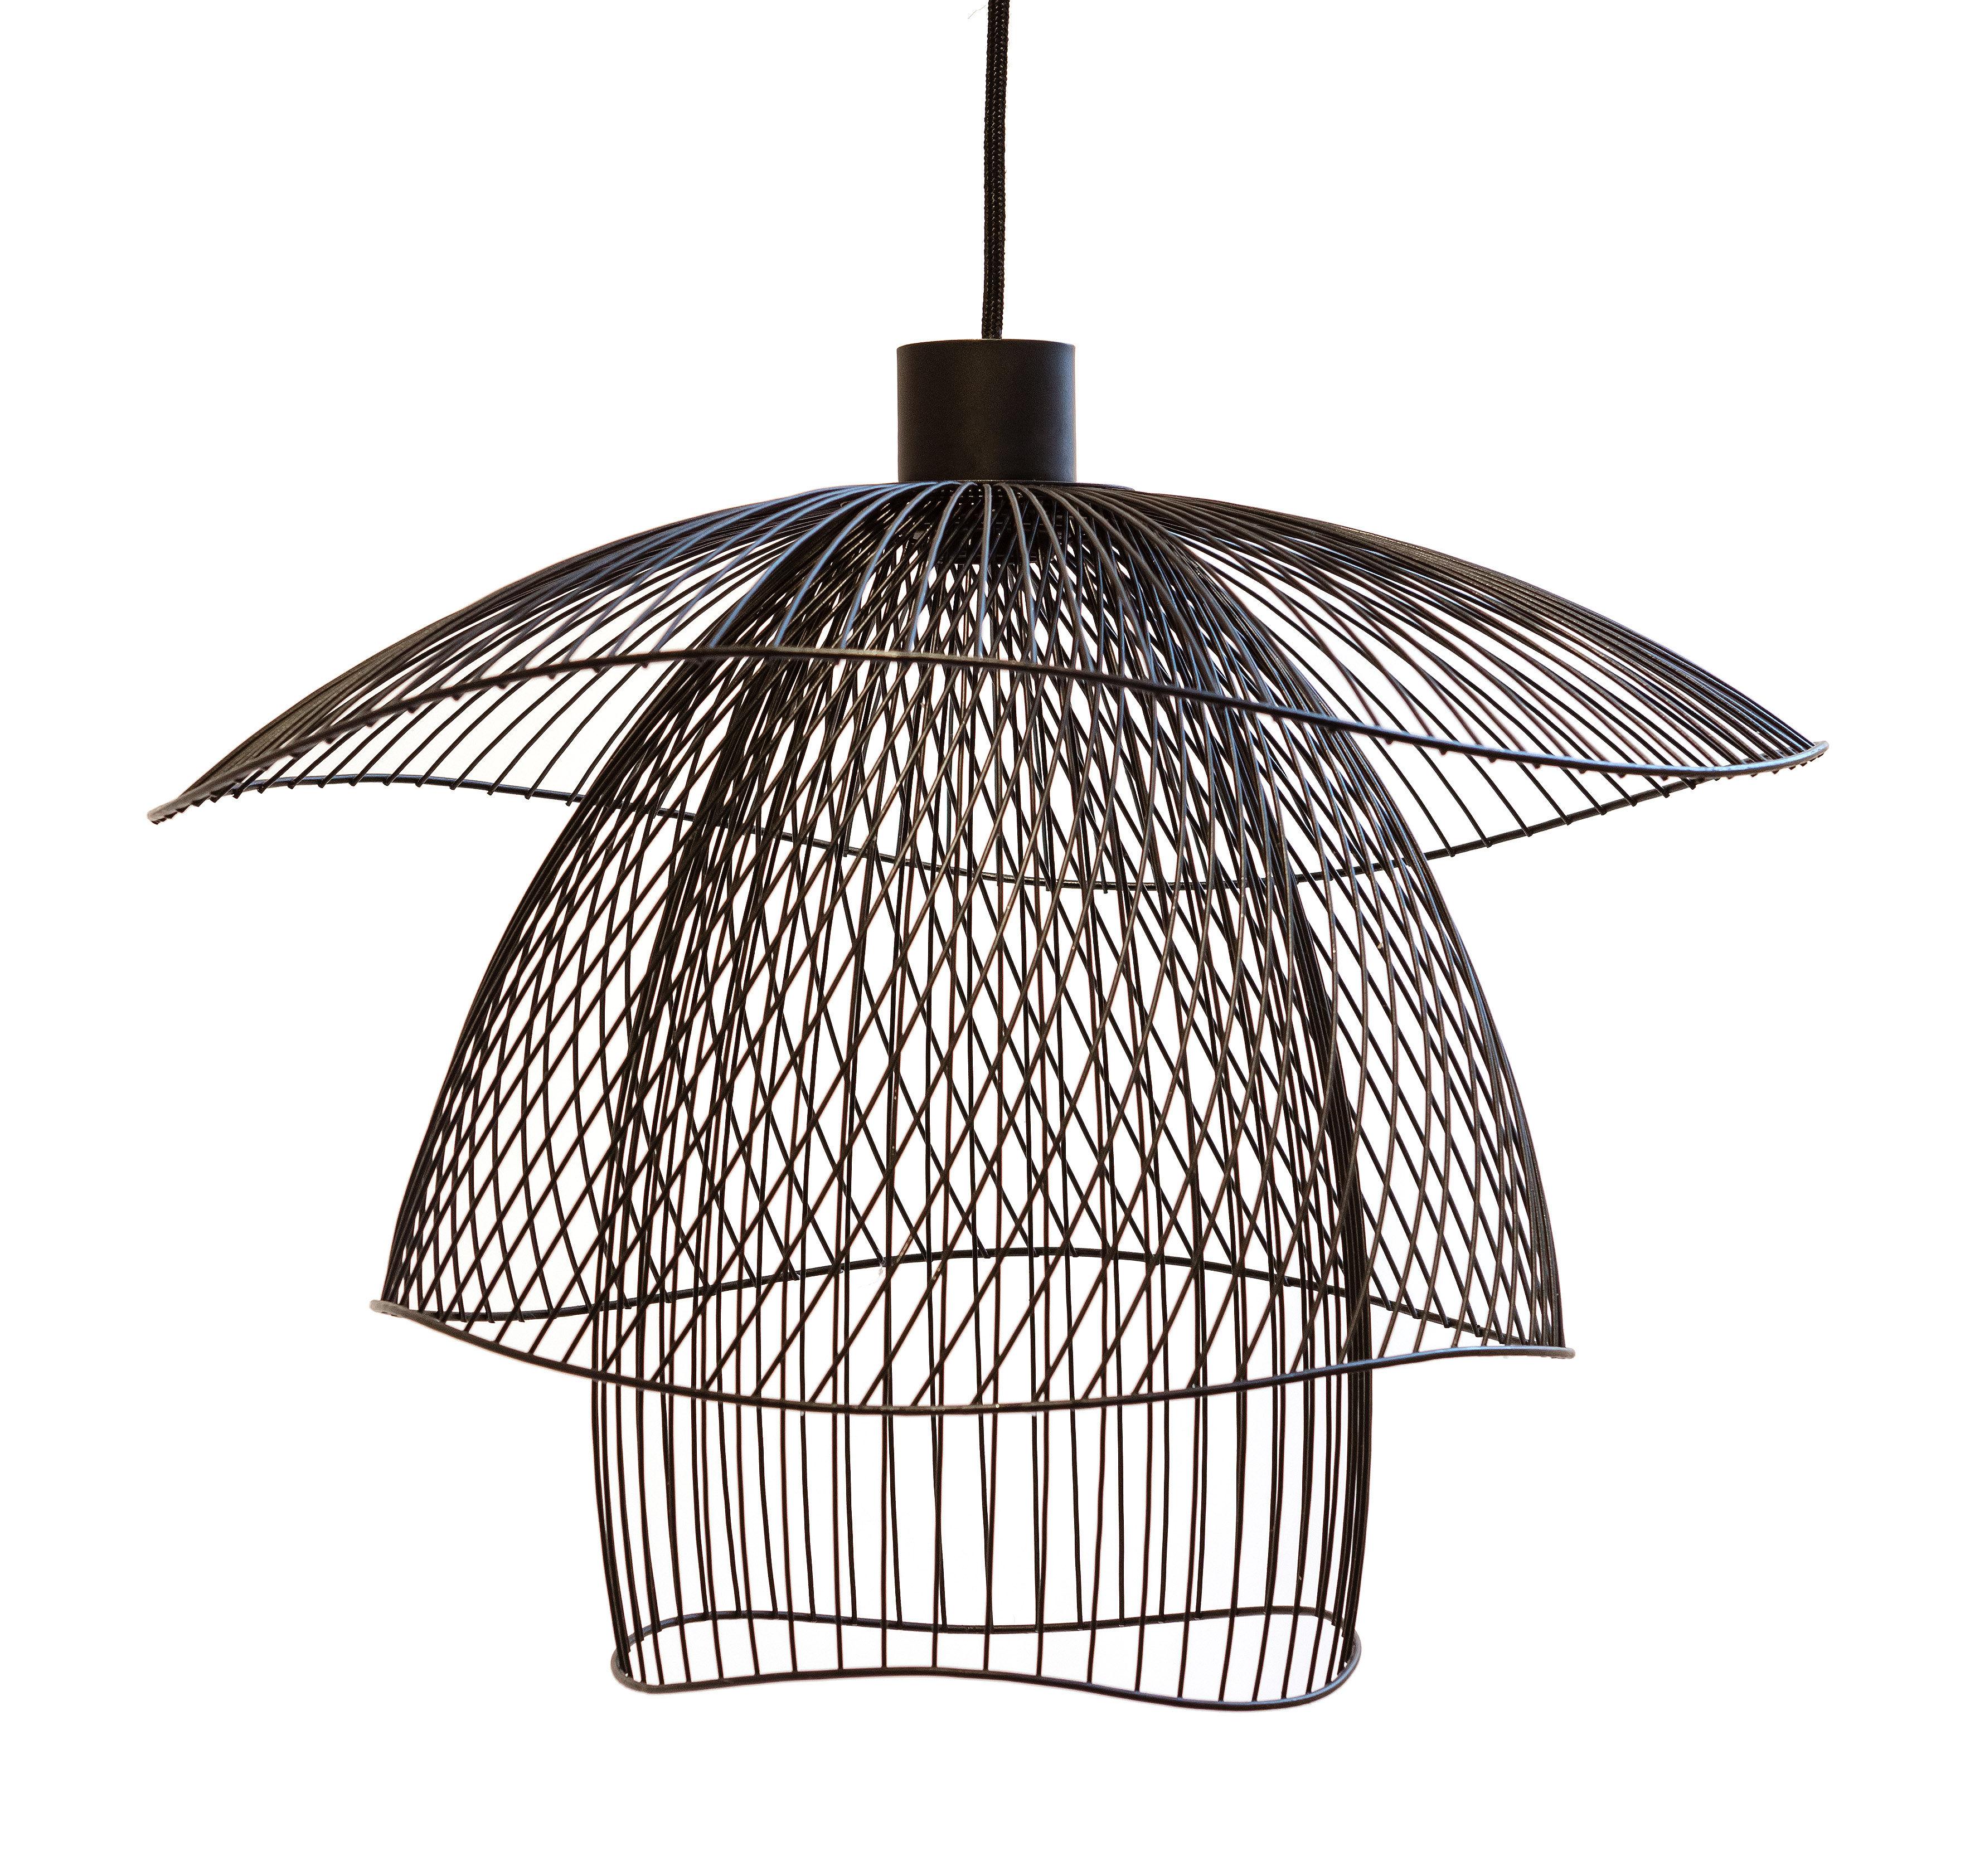 Illuminazione - Lampadari - Sospensione Papillon Small - / Ø 56 cm di Forestier - Nero - Acciaio termolaccato